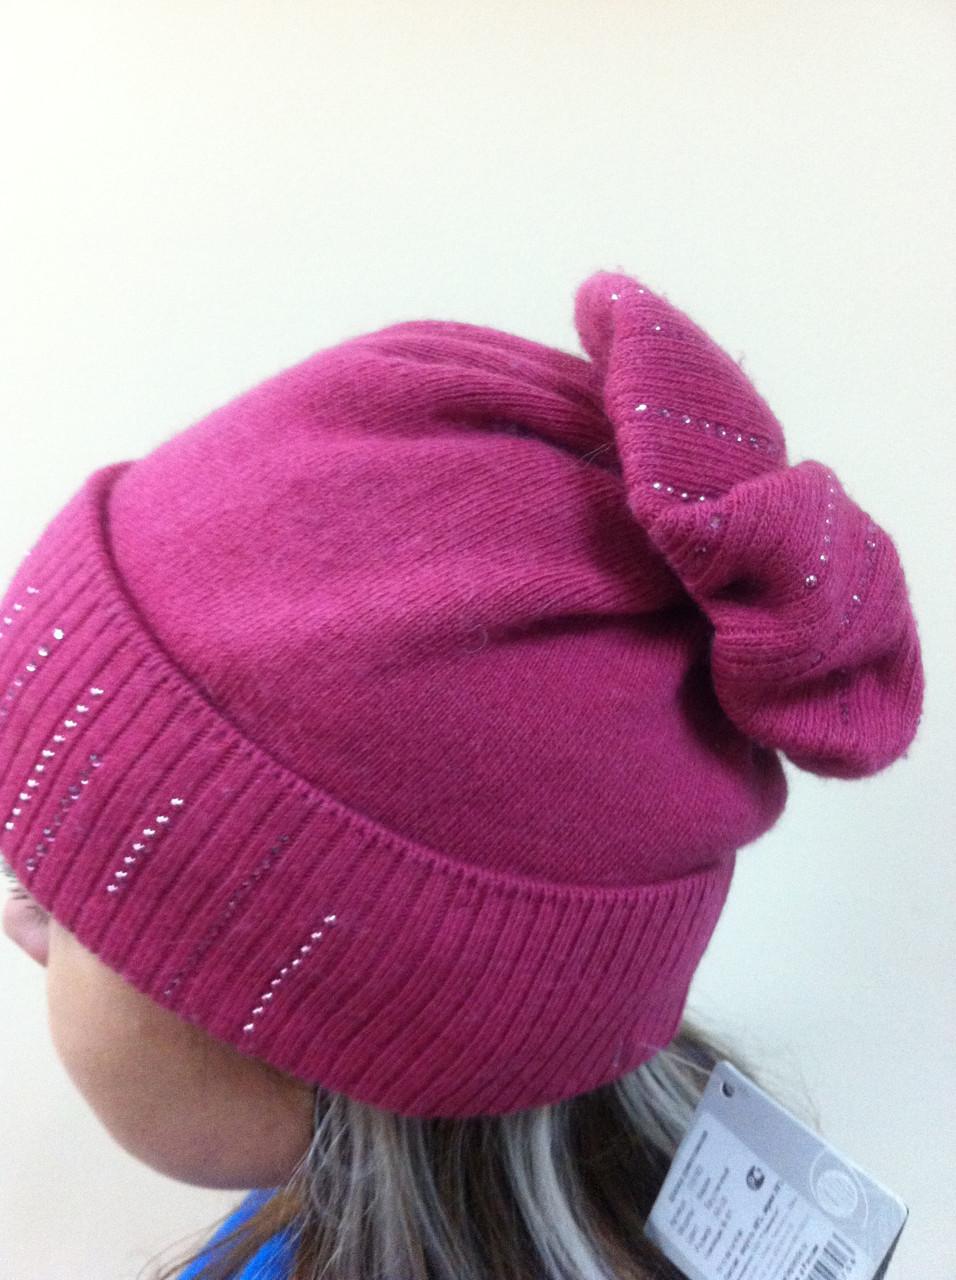 Бордовая шапка из мягкой валяной шерсти с широким отворотом и оригинальным бубоном